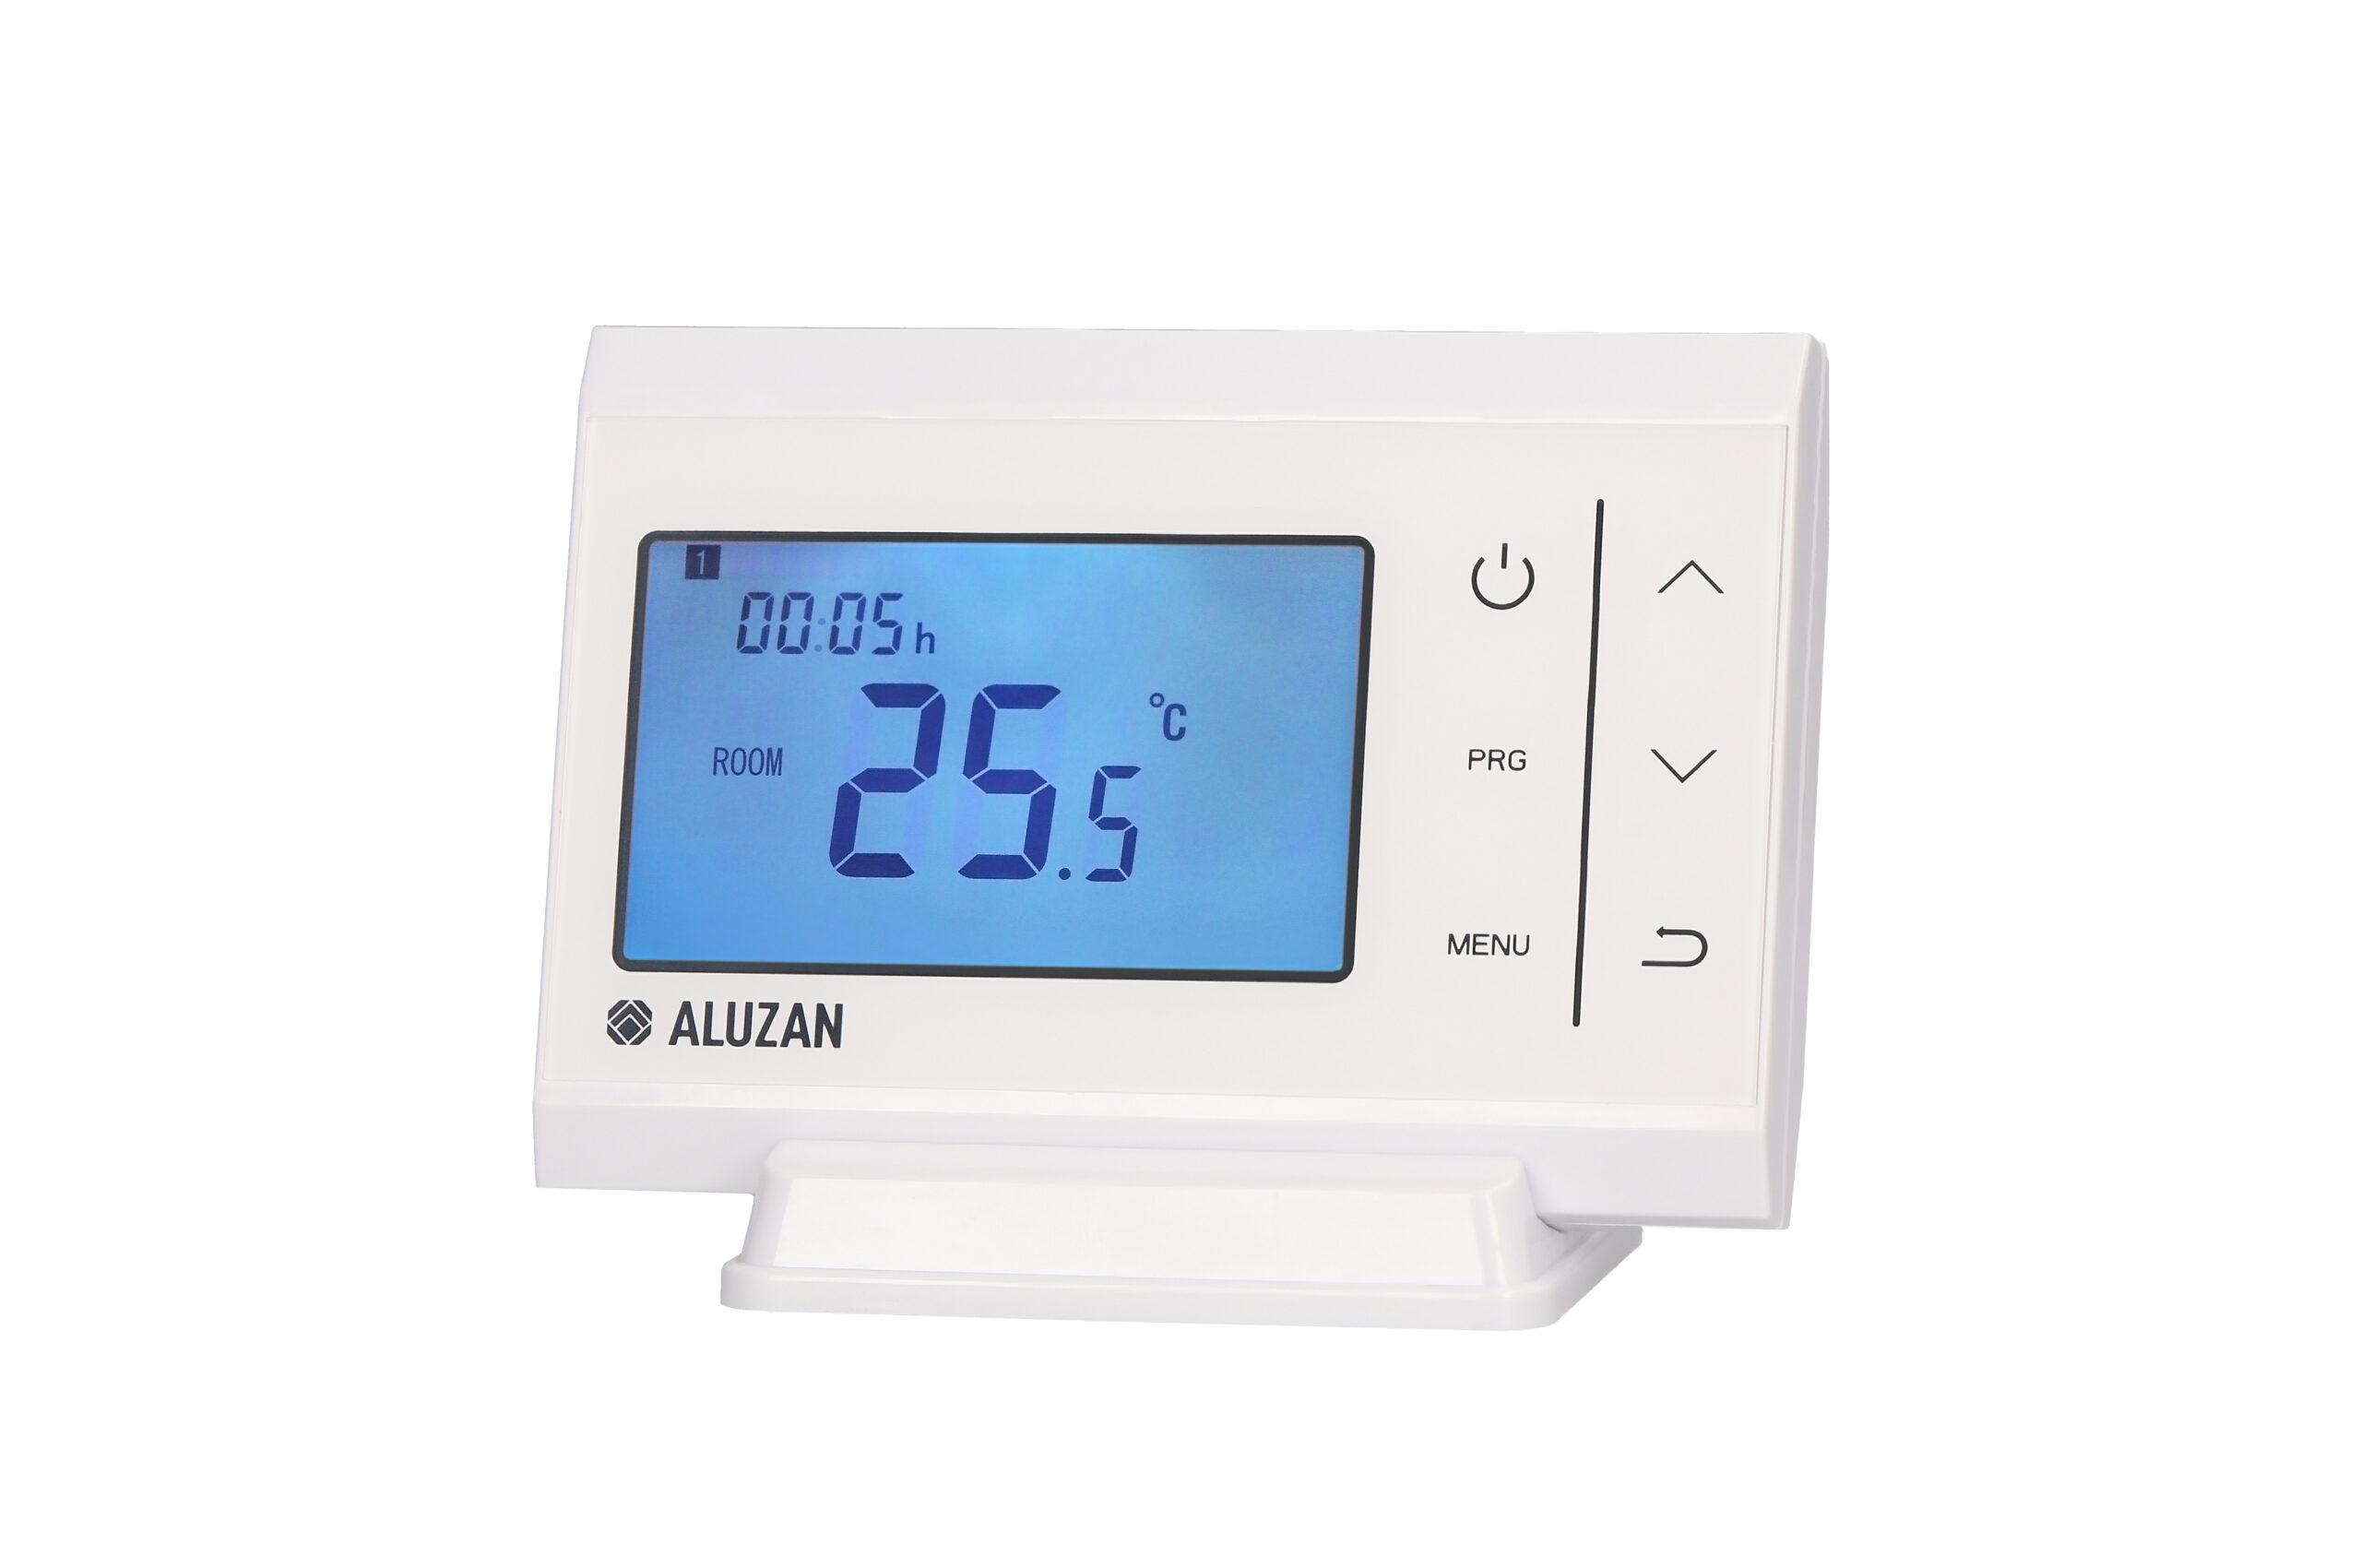 Aluzan bílý termostat B-10 - Produktová fotografie PF360